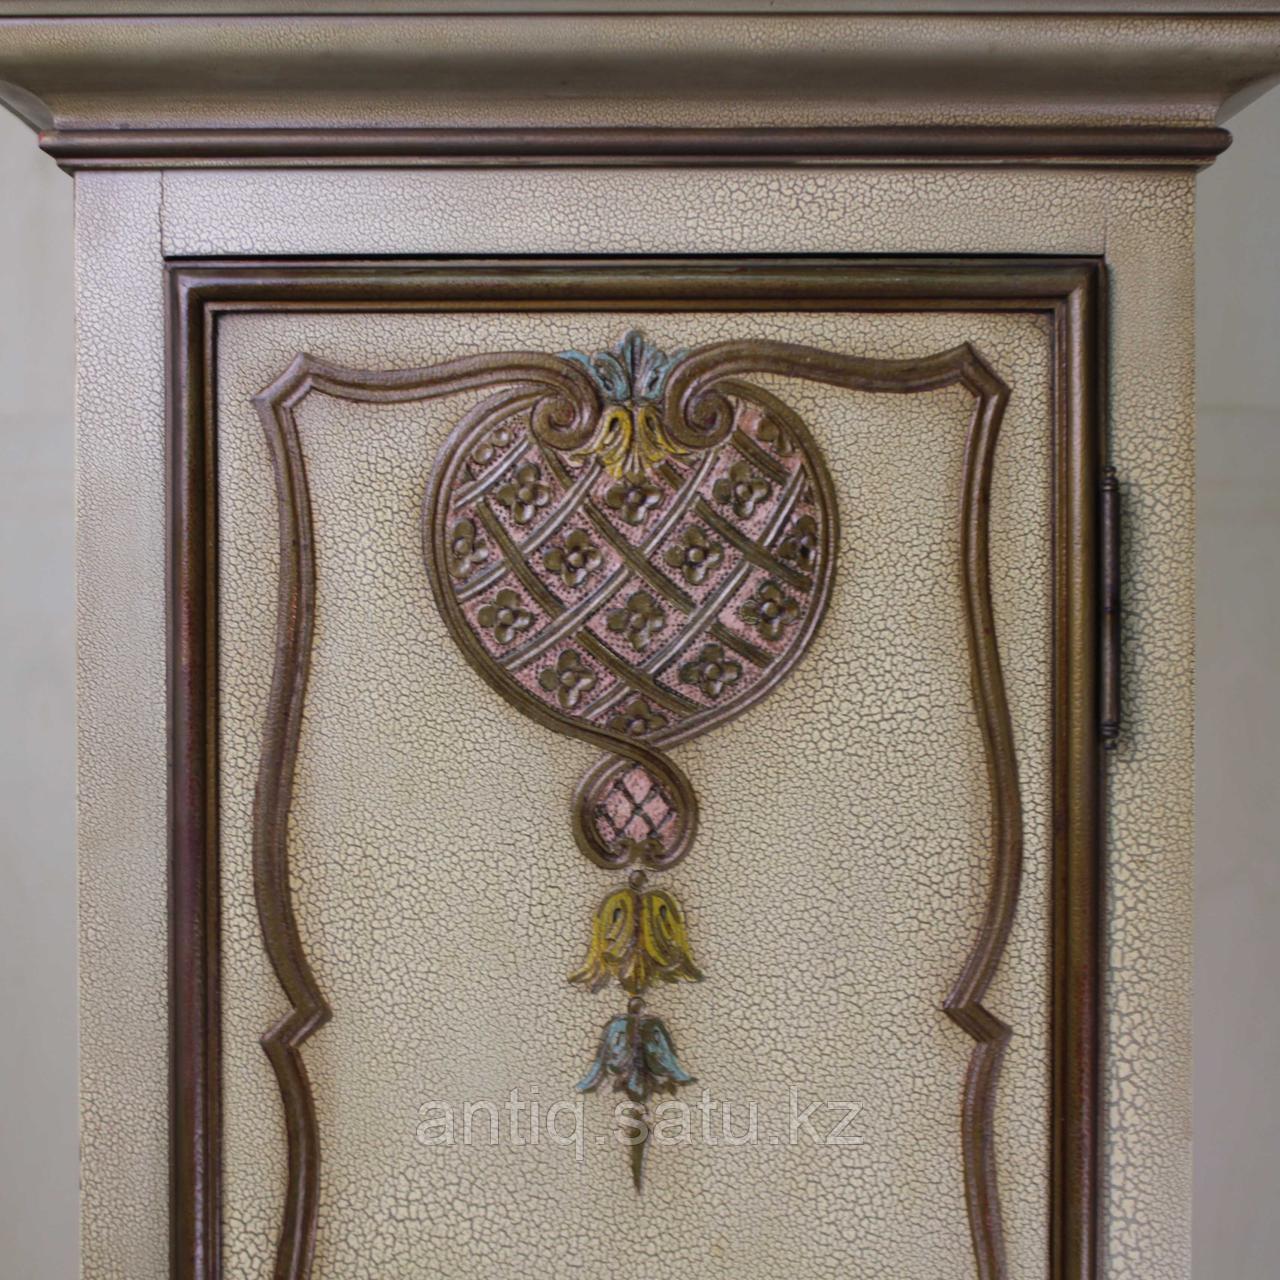 Напольные часы с рыцарским гербом. Германия. Середина ХХ века - фото 5